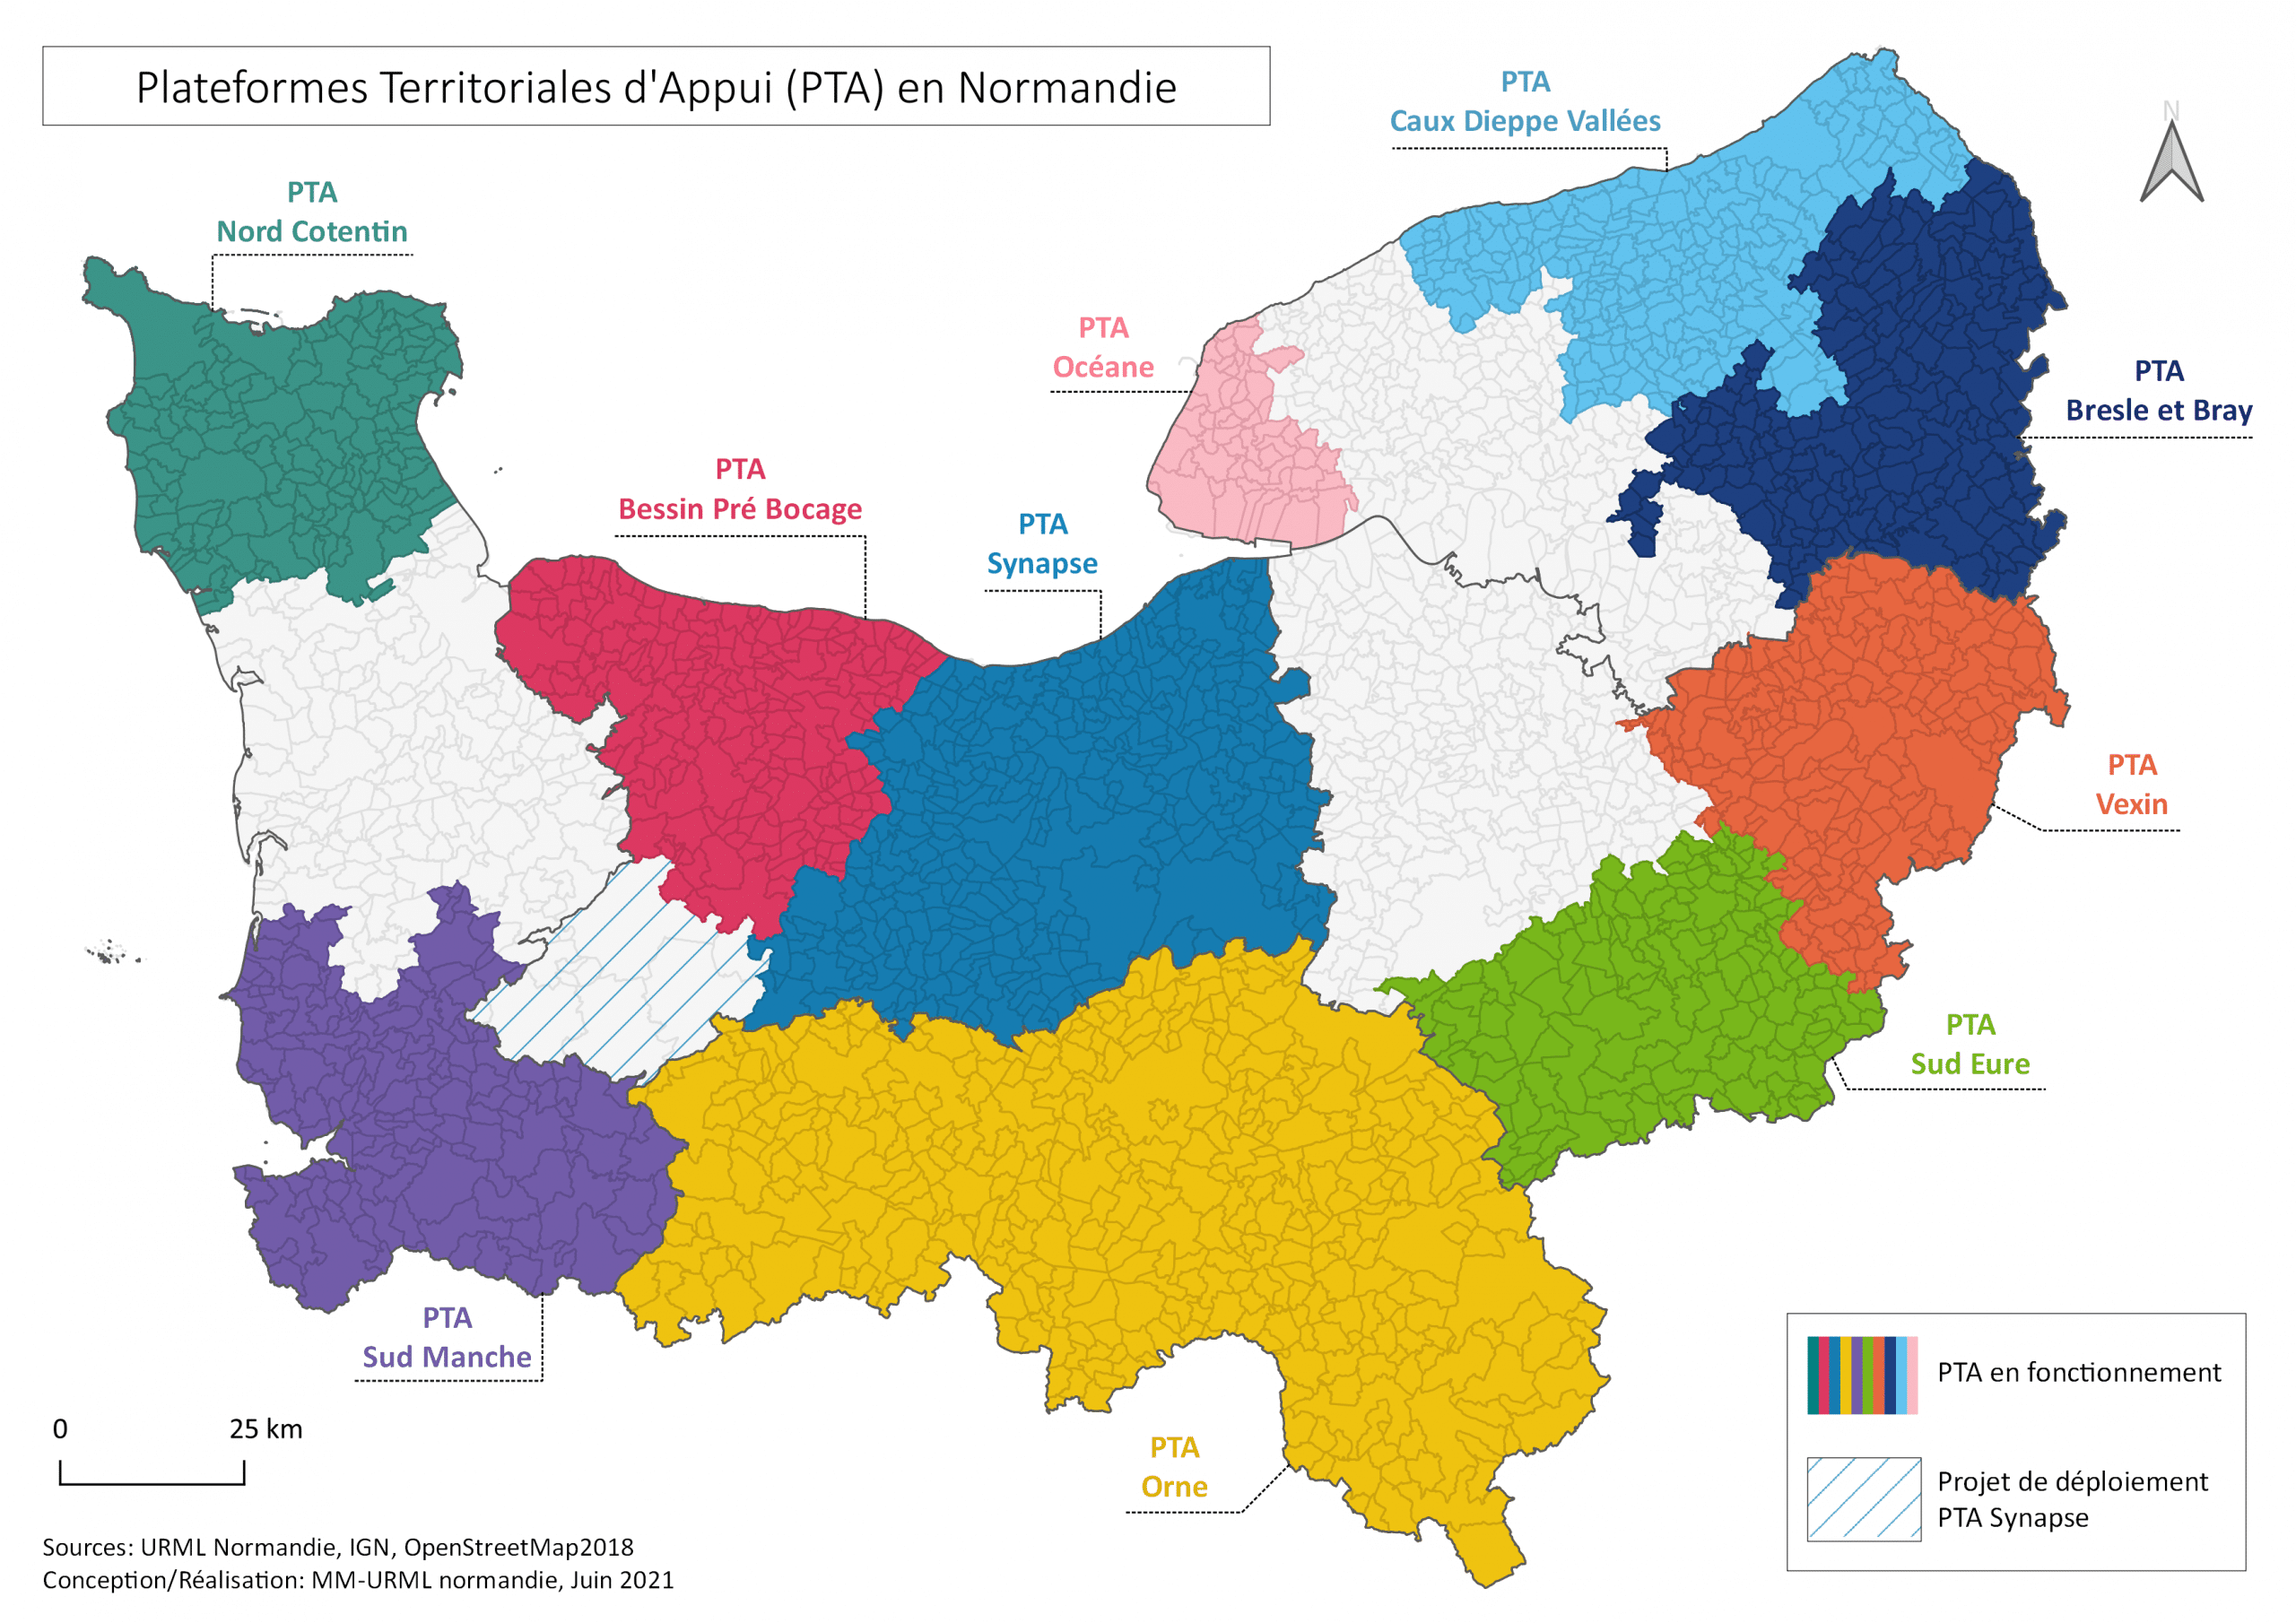 MAJ CARTE PTA - PTA - Plateforme <br>Territoriale d'Appui